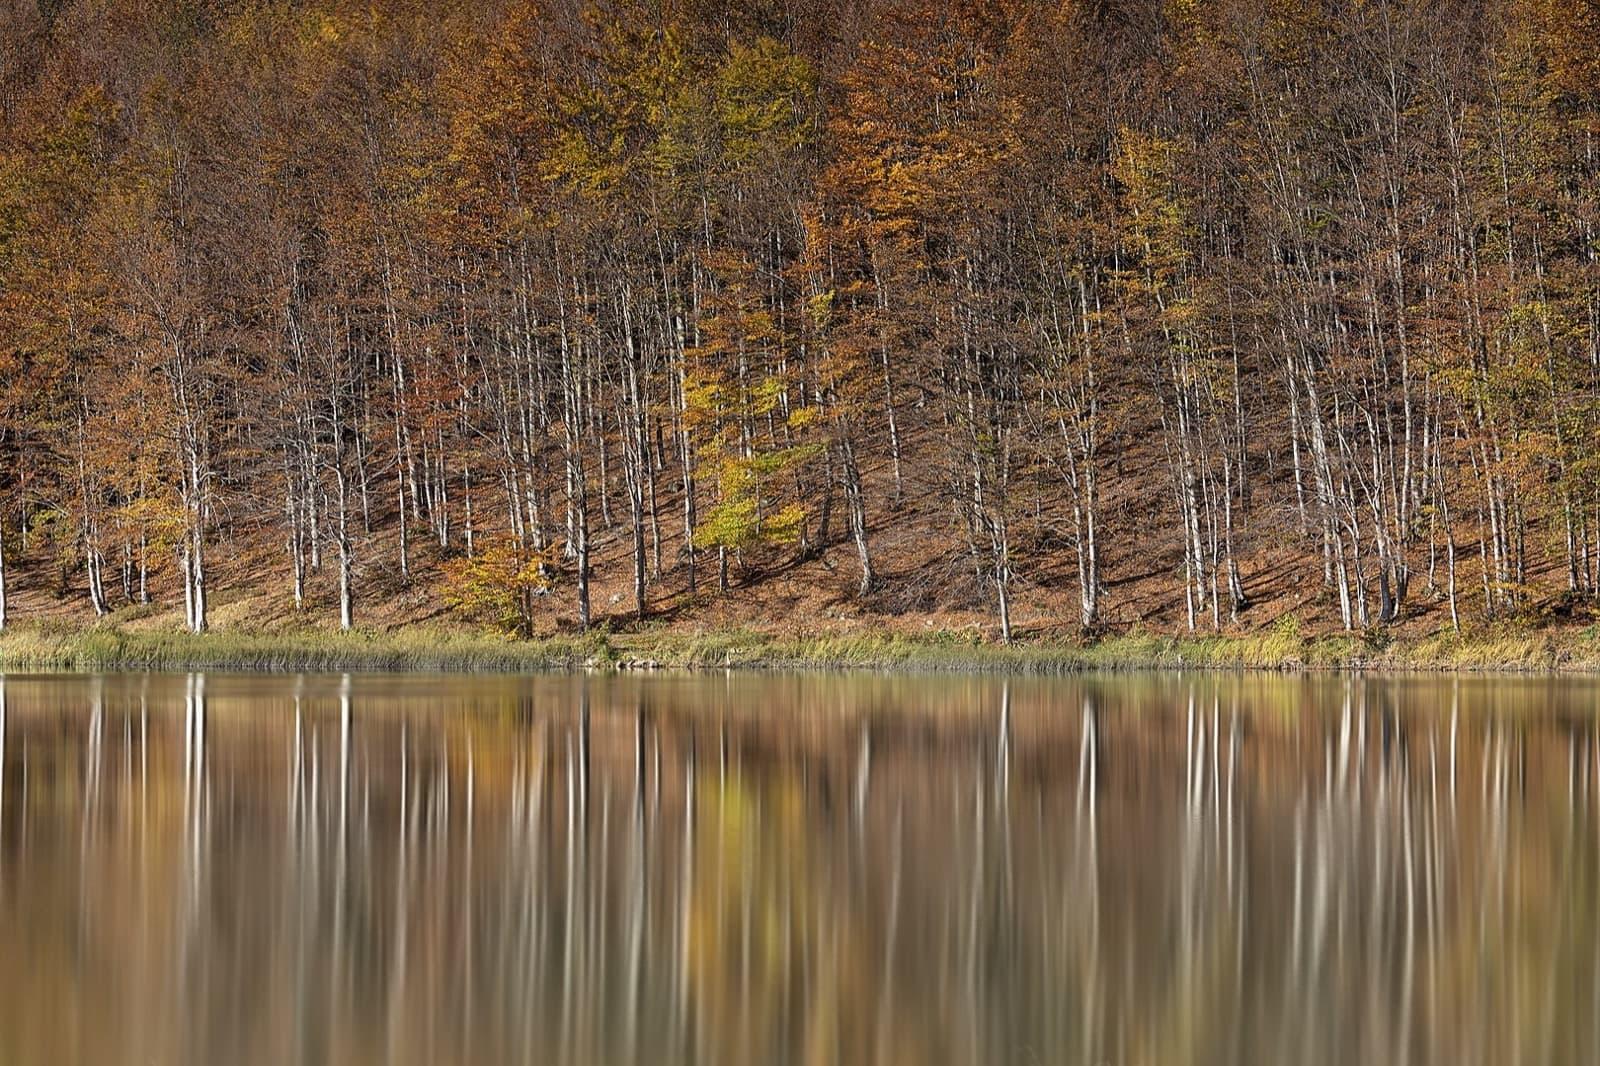 The autumn colours in Emilia-Romagna